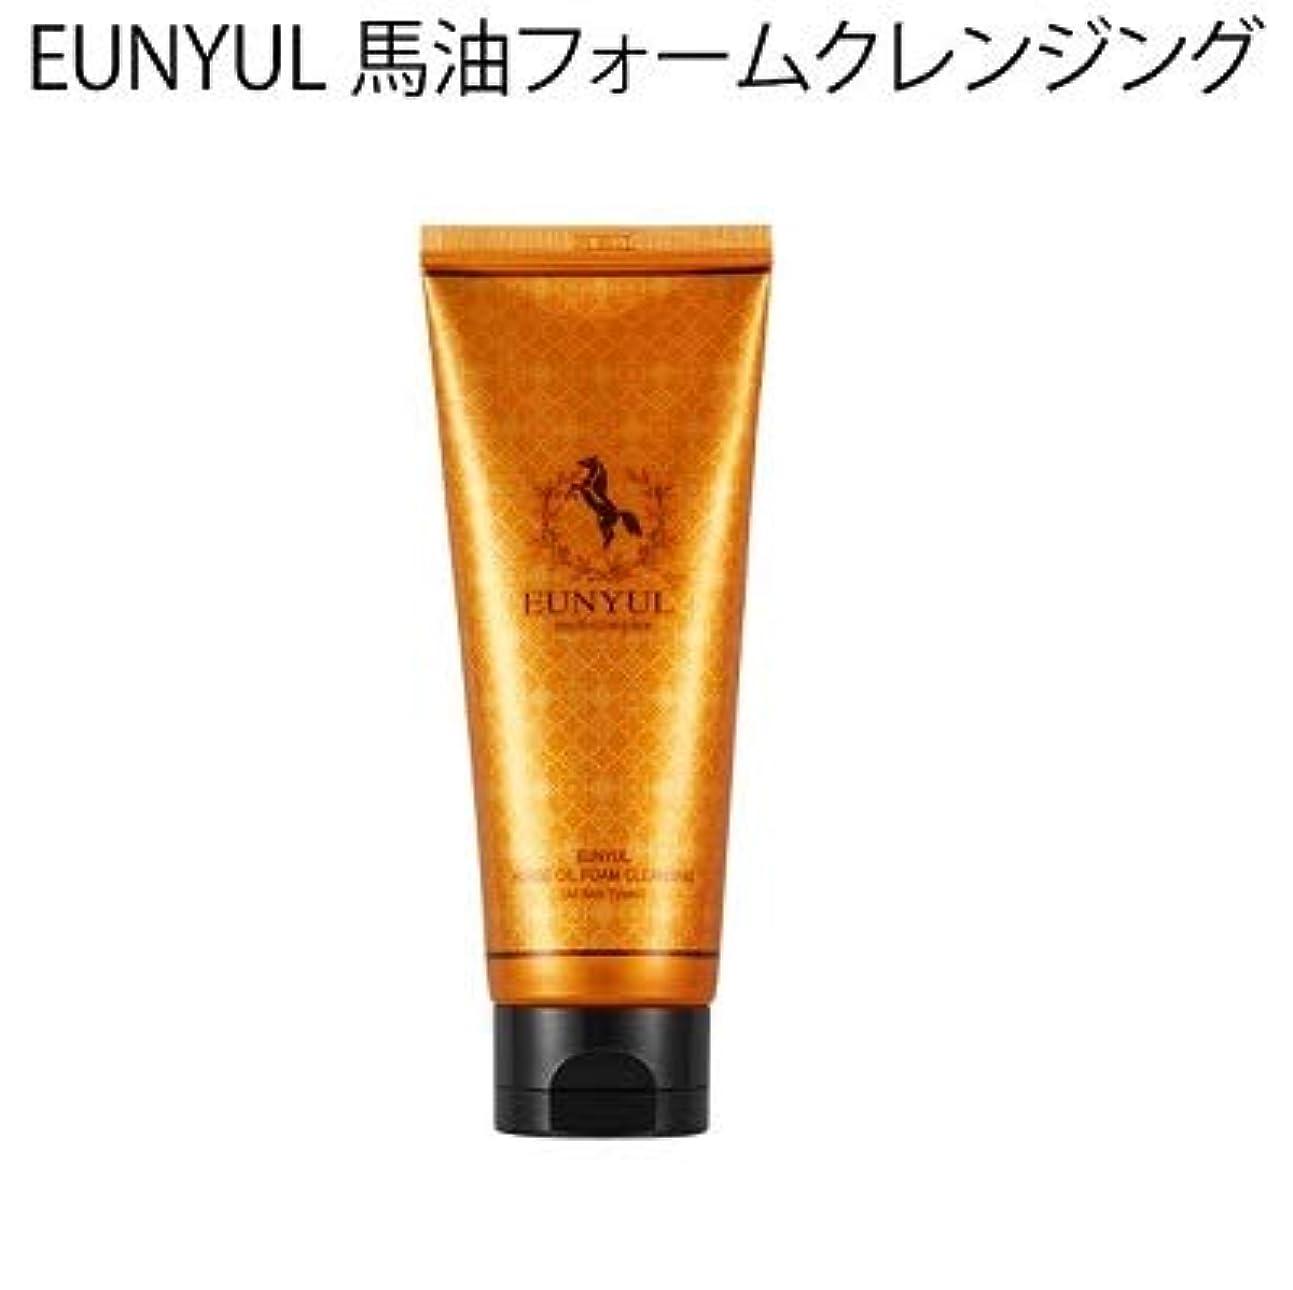 ライセンス重要なトラフ韓国 EUNYUL 馬油フォームクレンジング 洗顔フォーム(150ml)